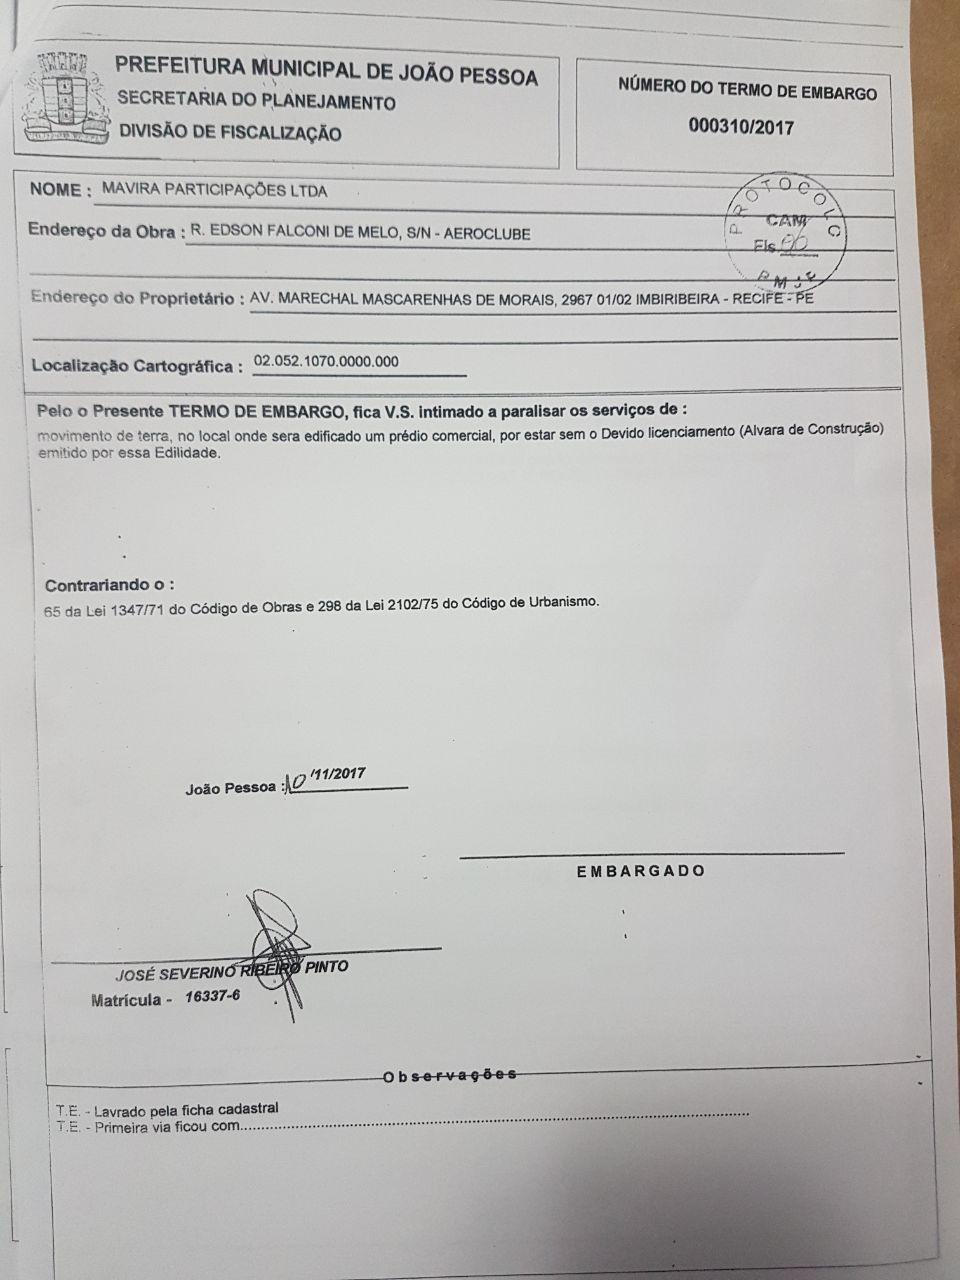 d1e0c2e5 6dbf 4b63 b574 cf85a1652326 - Prefeitura da Capital embarga construção ilegal na estrada de Cabedelo